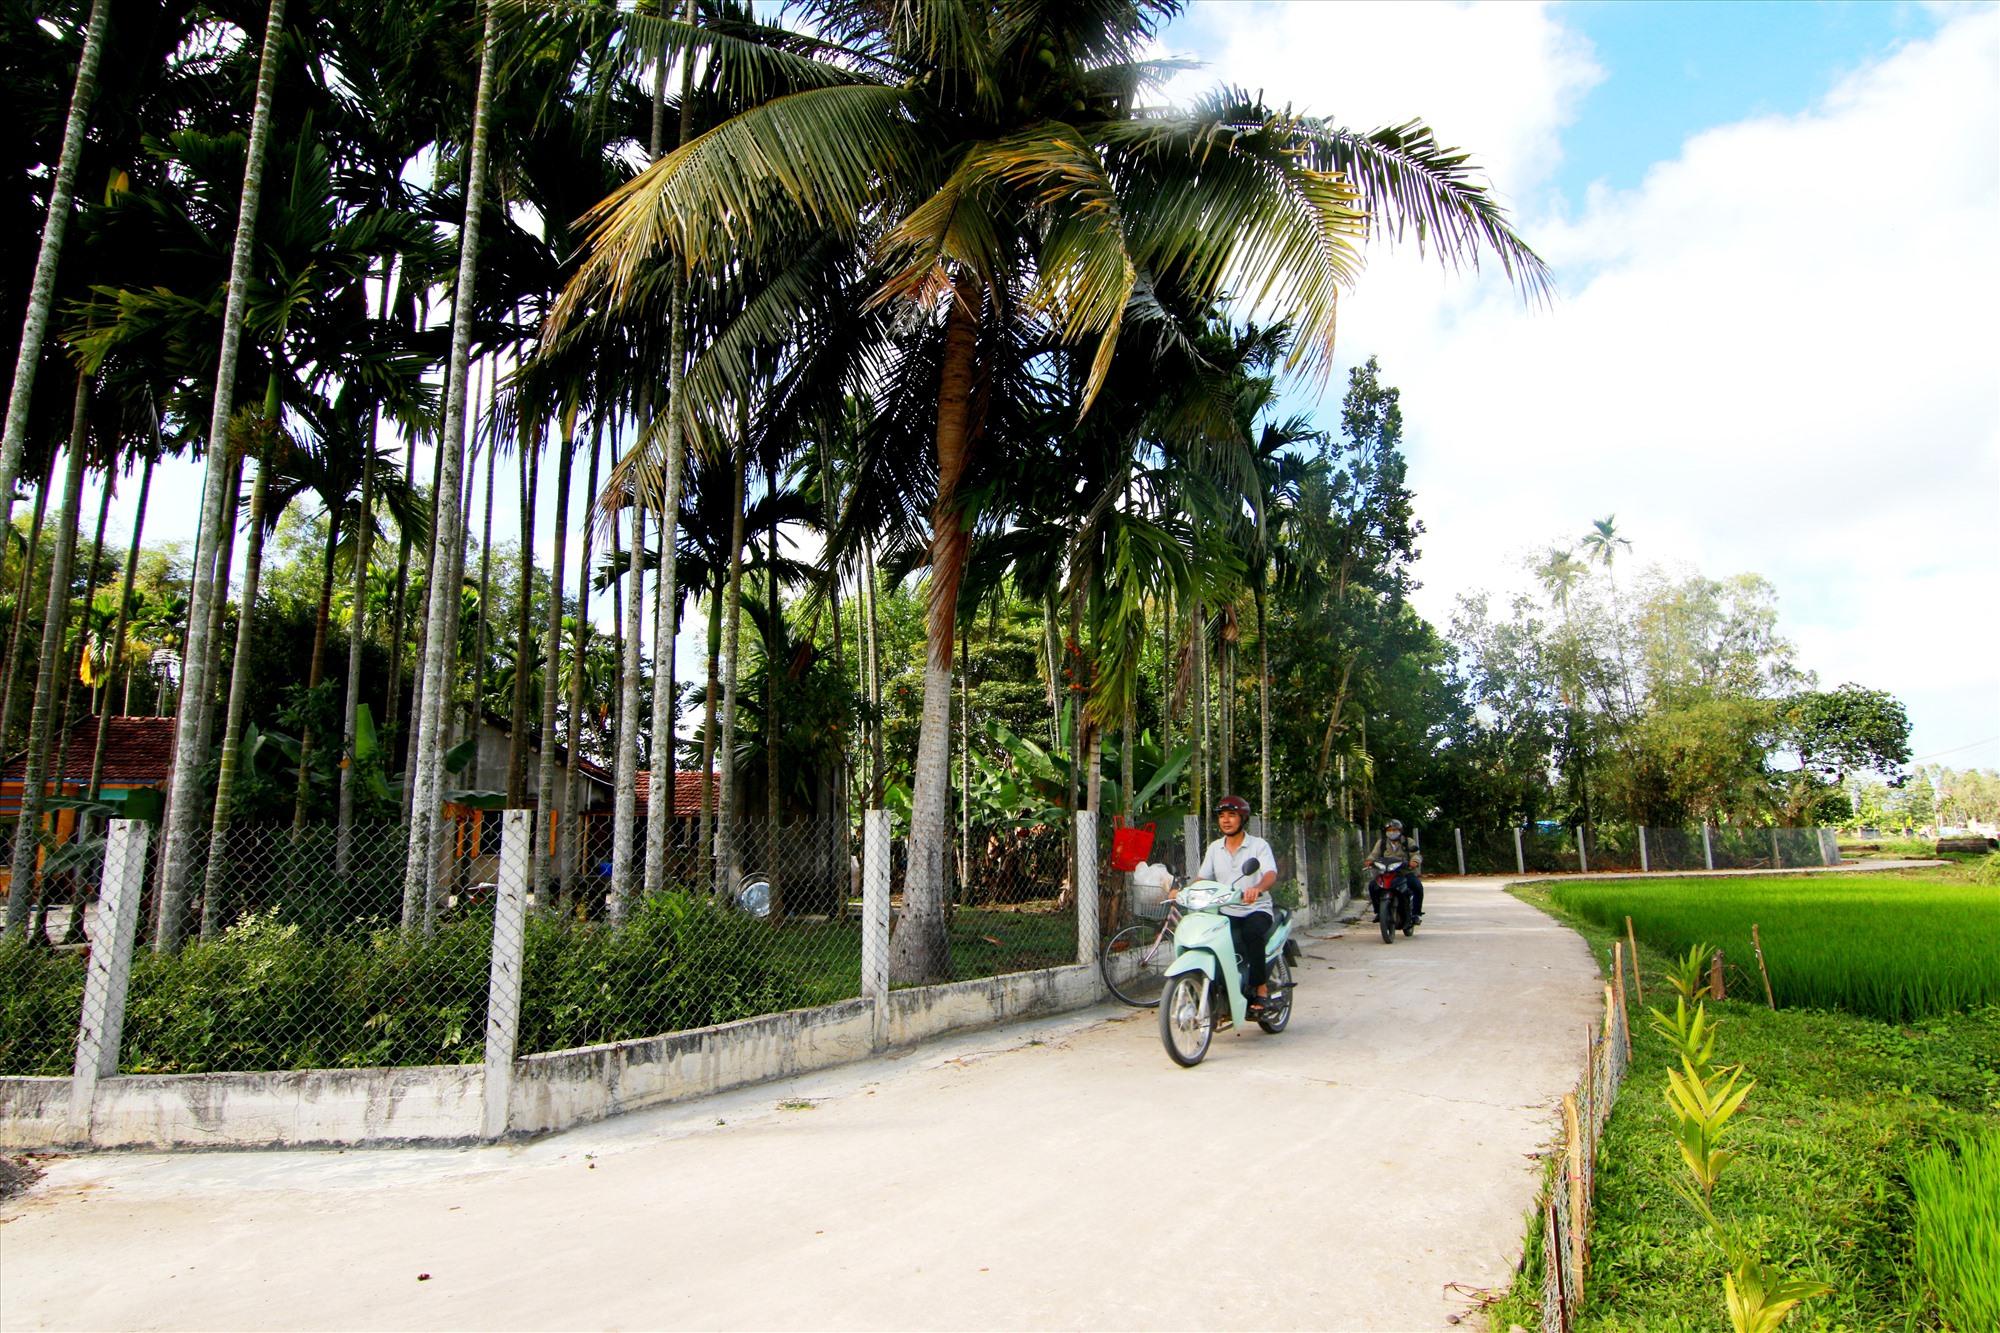 Diện mạo làng quê ở Tam Xuân 2 ngày càng khởi sắc. Ảnh: T.C